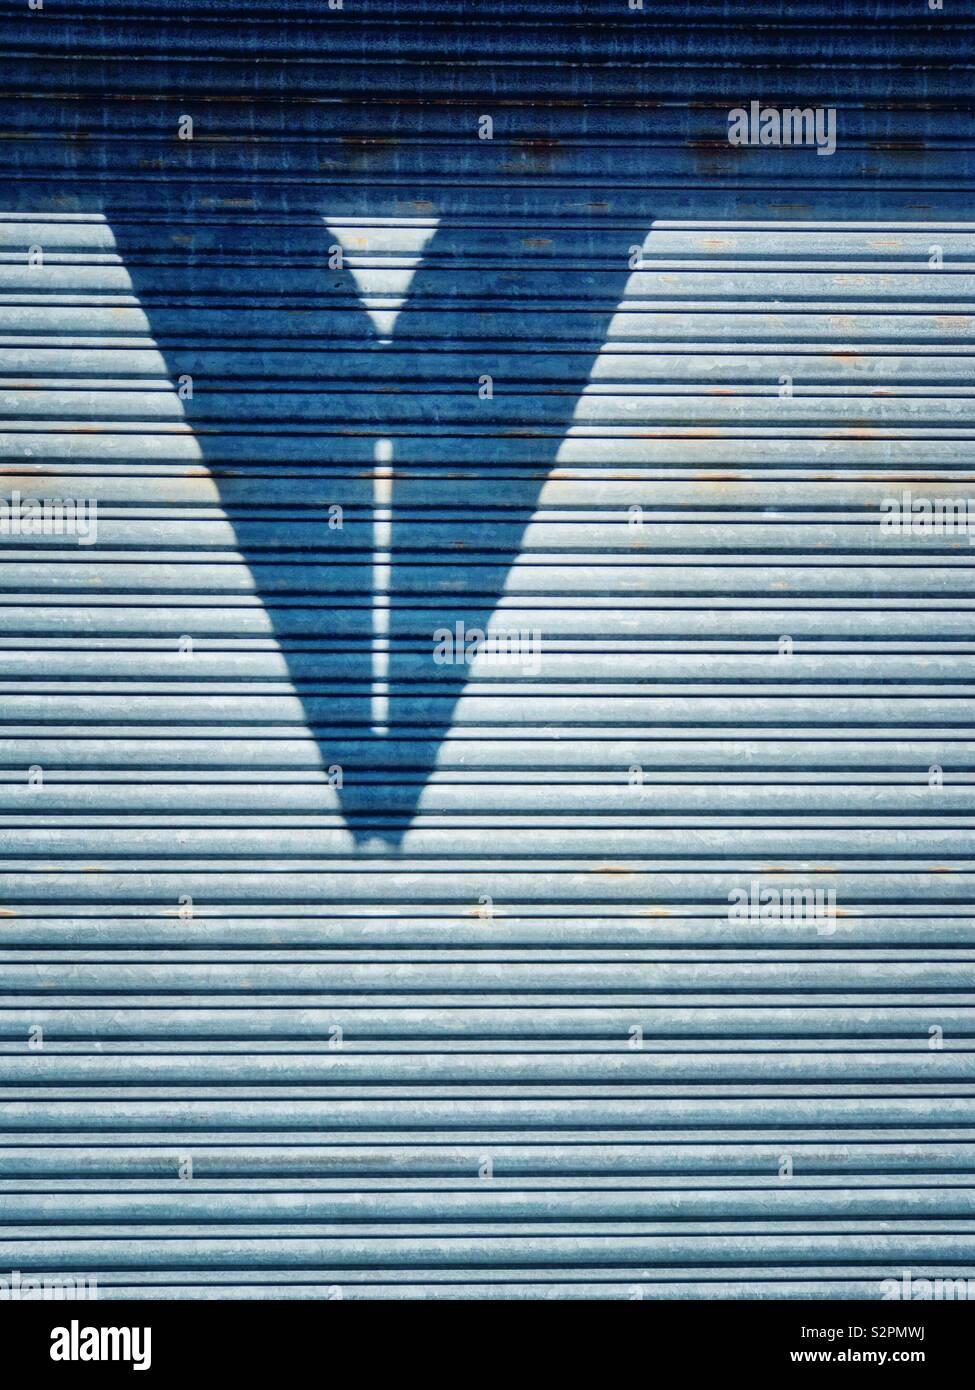 Schatten auf einem großen Metalltür. Stockfoto